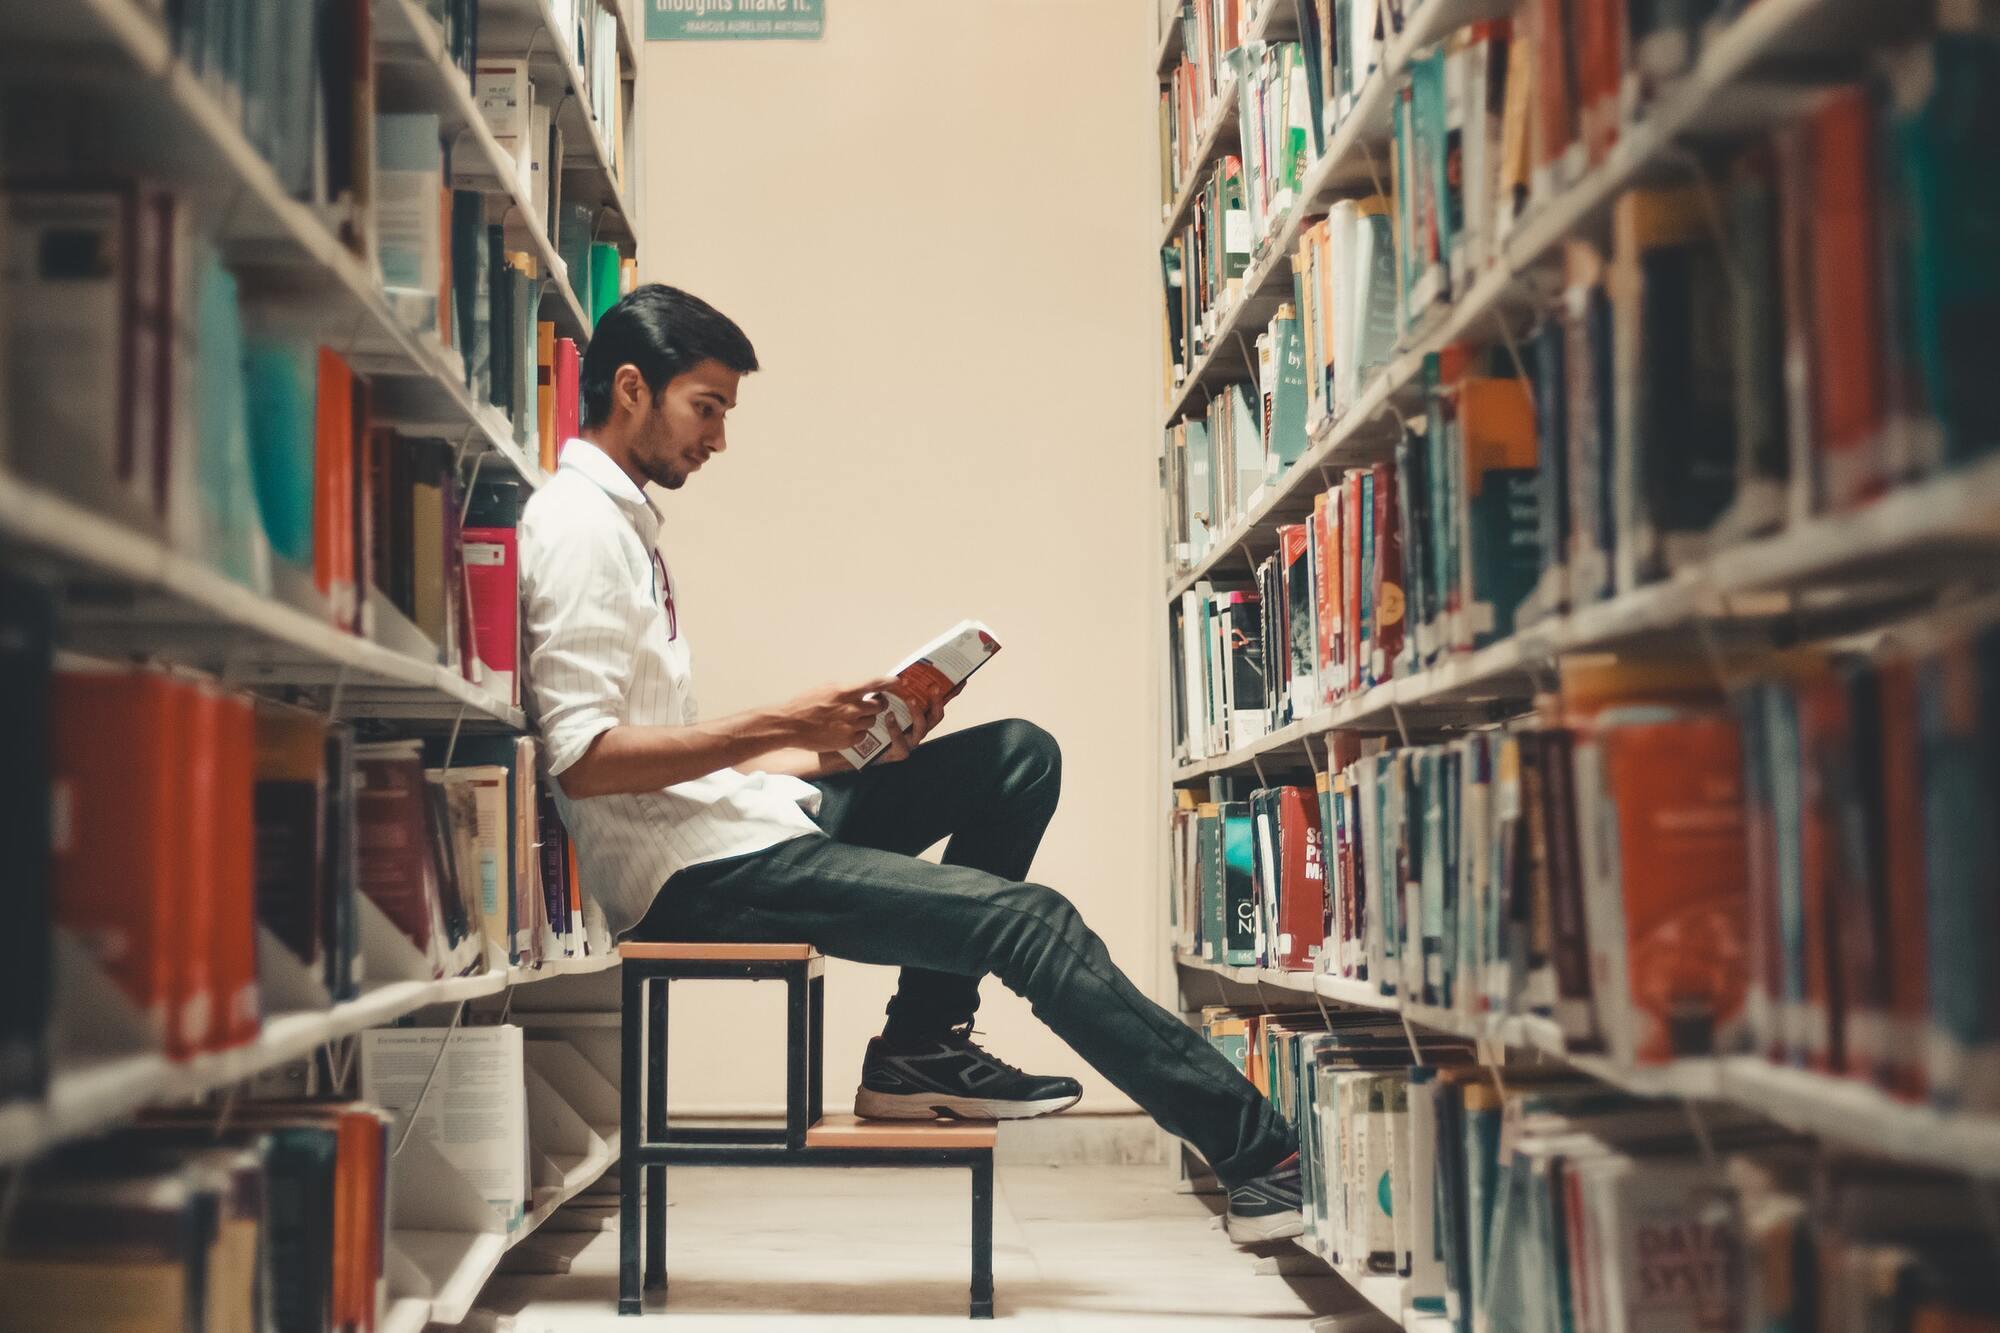 Усім, хто 2021 року вступає до магістратури, необхідно скласти Єдиний вступний іспит з іноземної мови